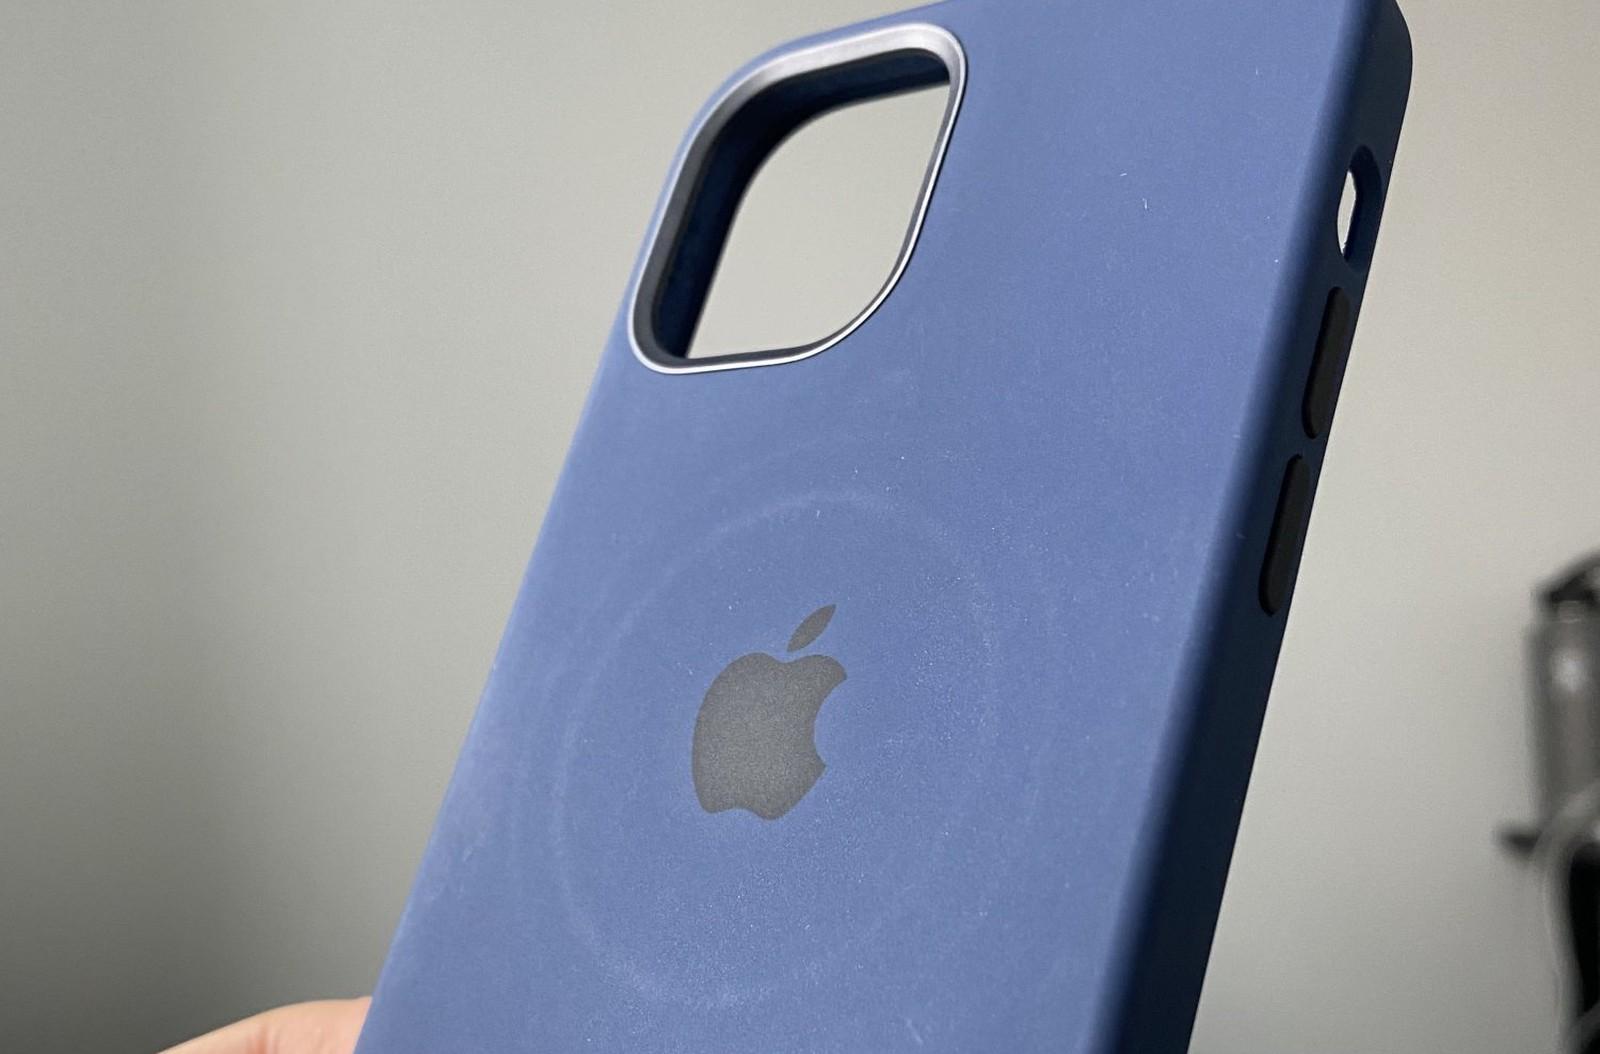 手机资讯:使用 MagSafe 充电器为 iPhone 12 充电时需要注意的问题